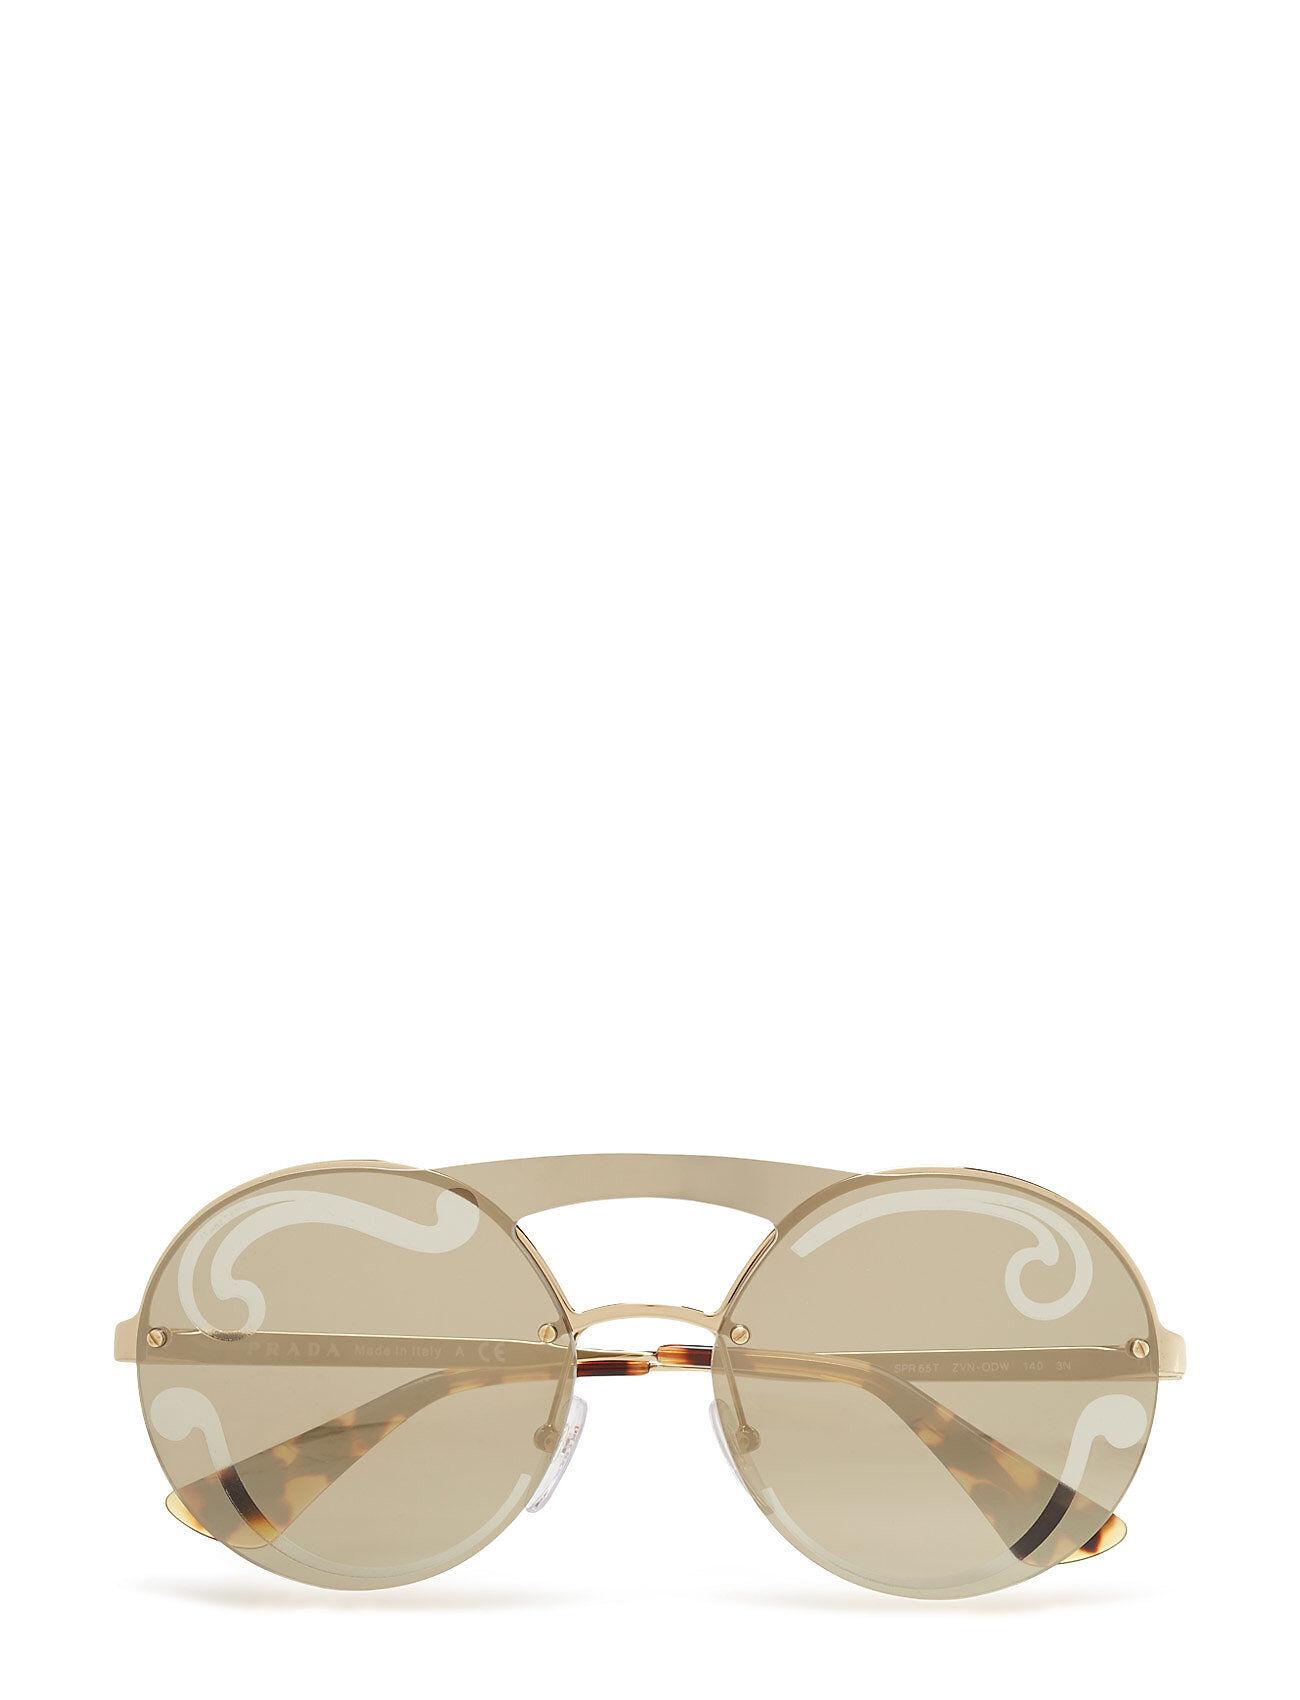 Image of Prada Sunglasses Not Defined Aurinkolasit Kulta